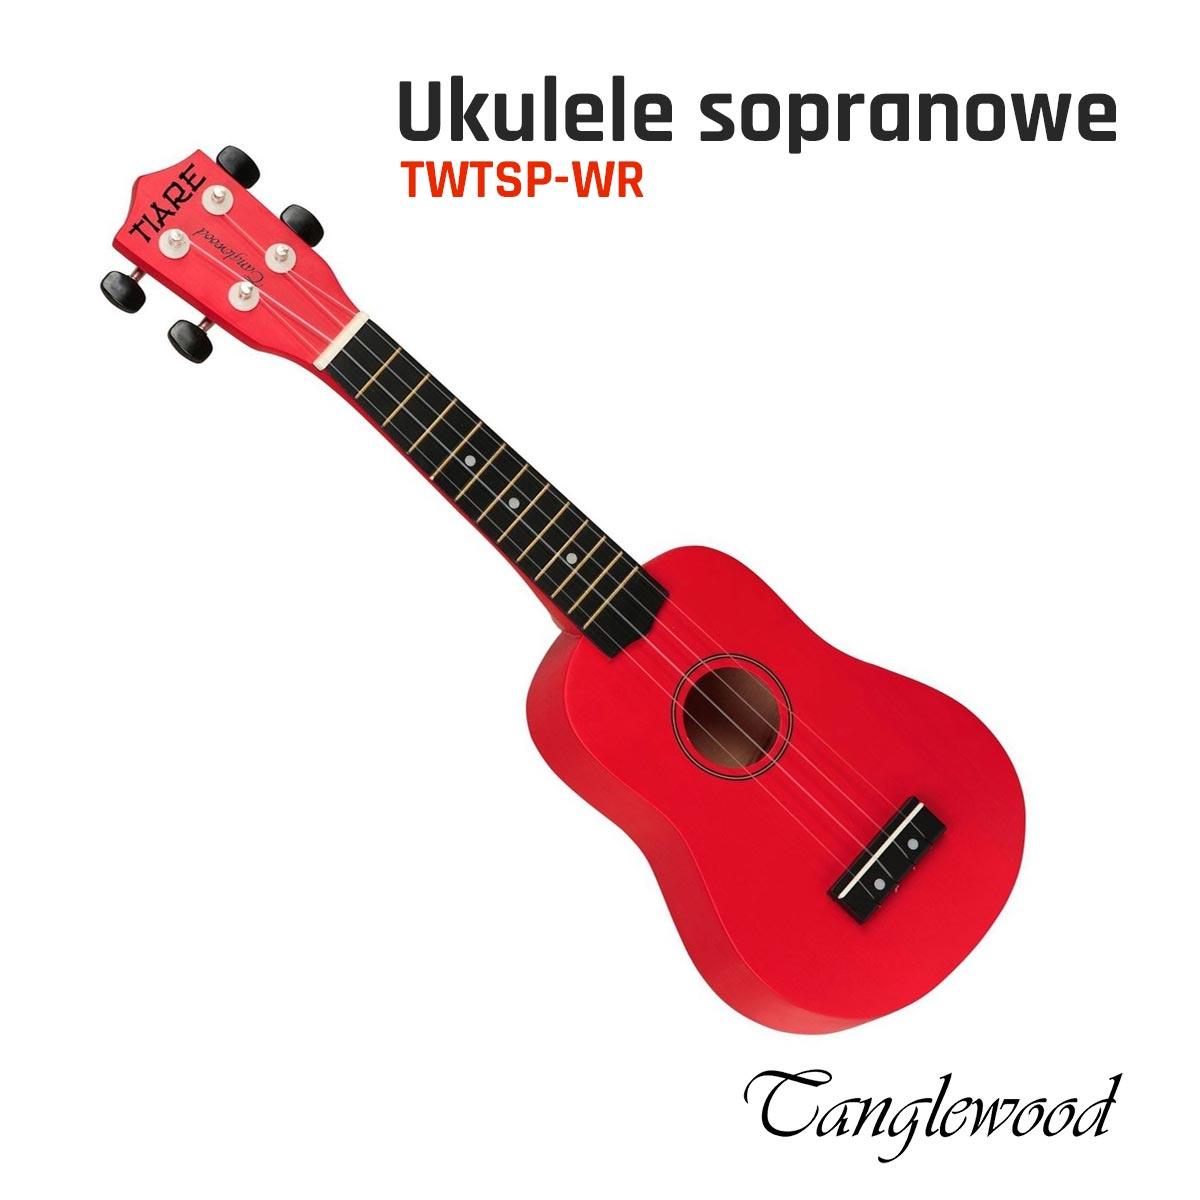 Ukulele sopranowe Tanglewood